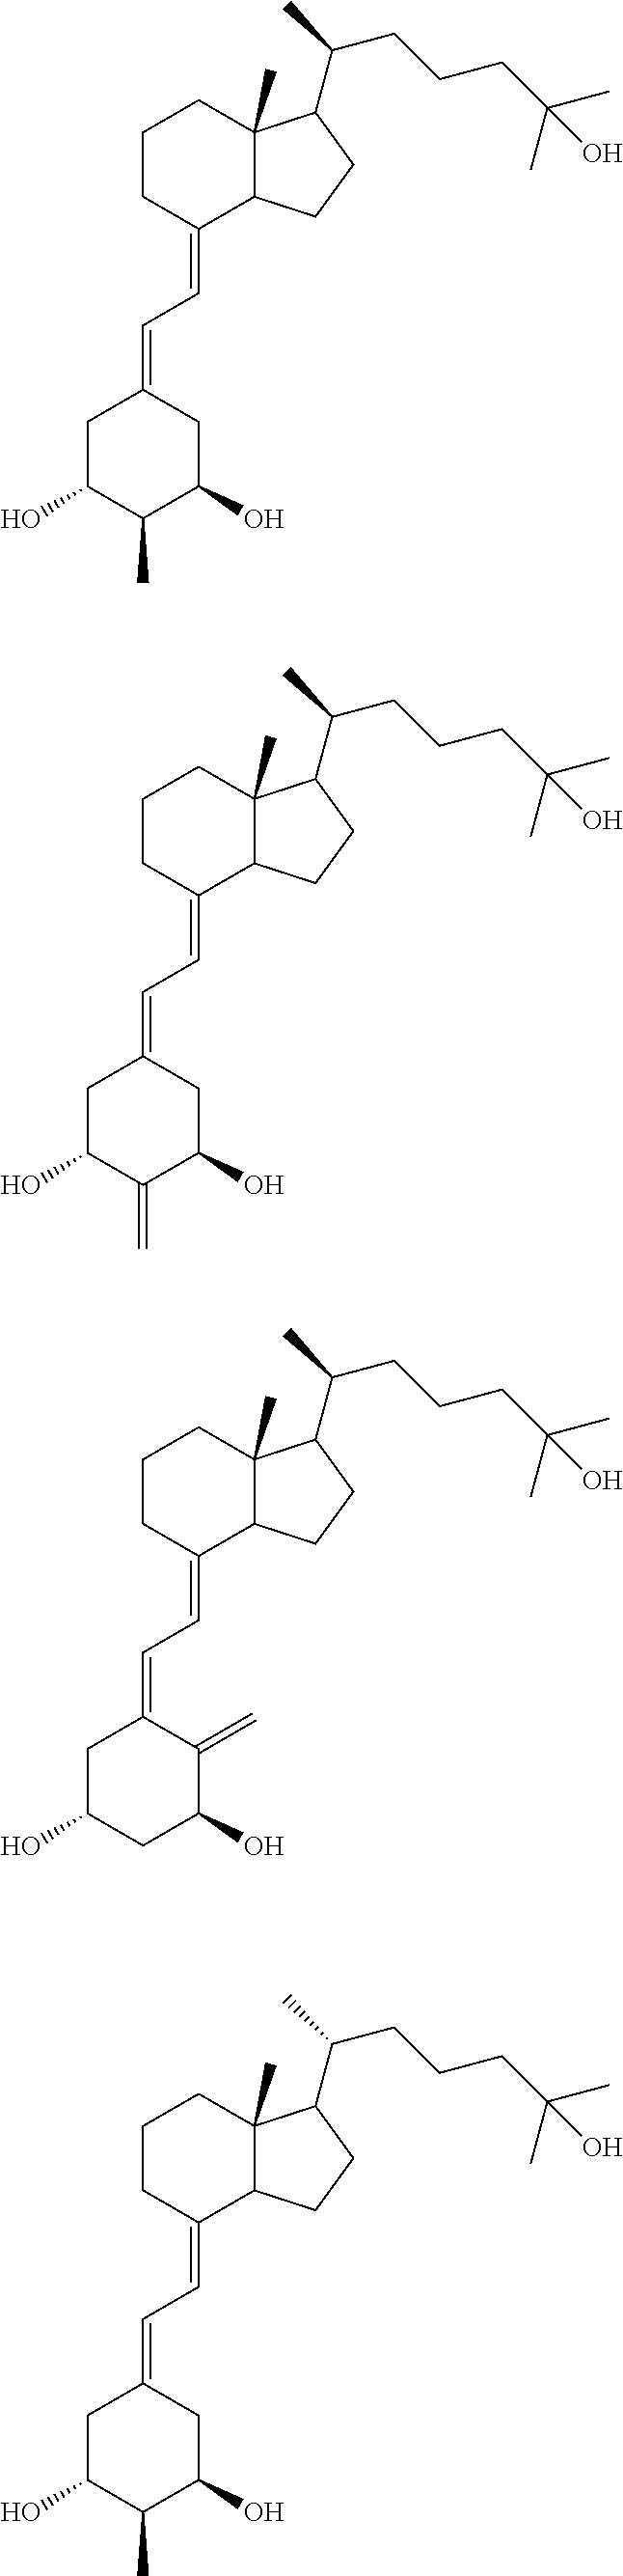 Figure US09962344-20180508-C00098